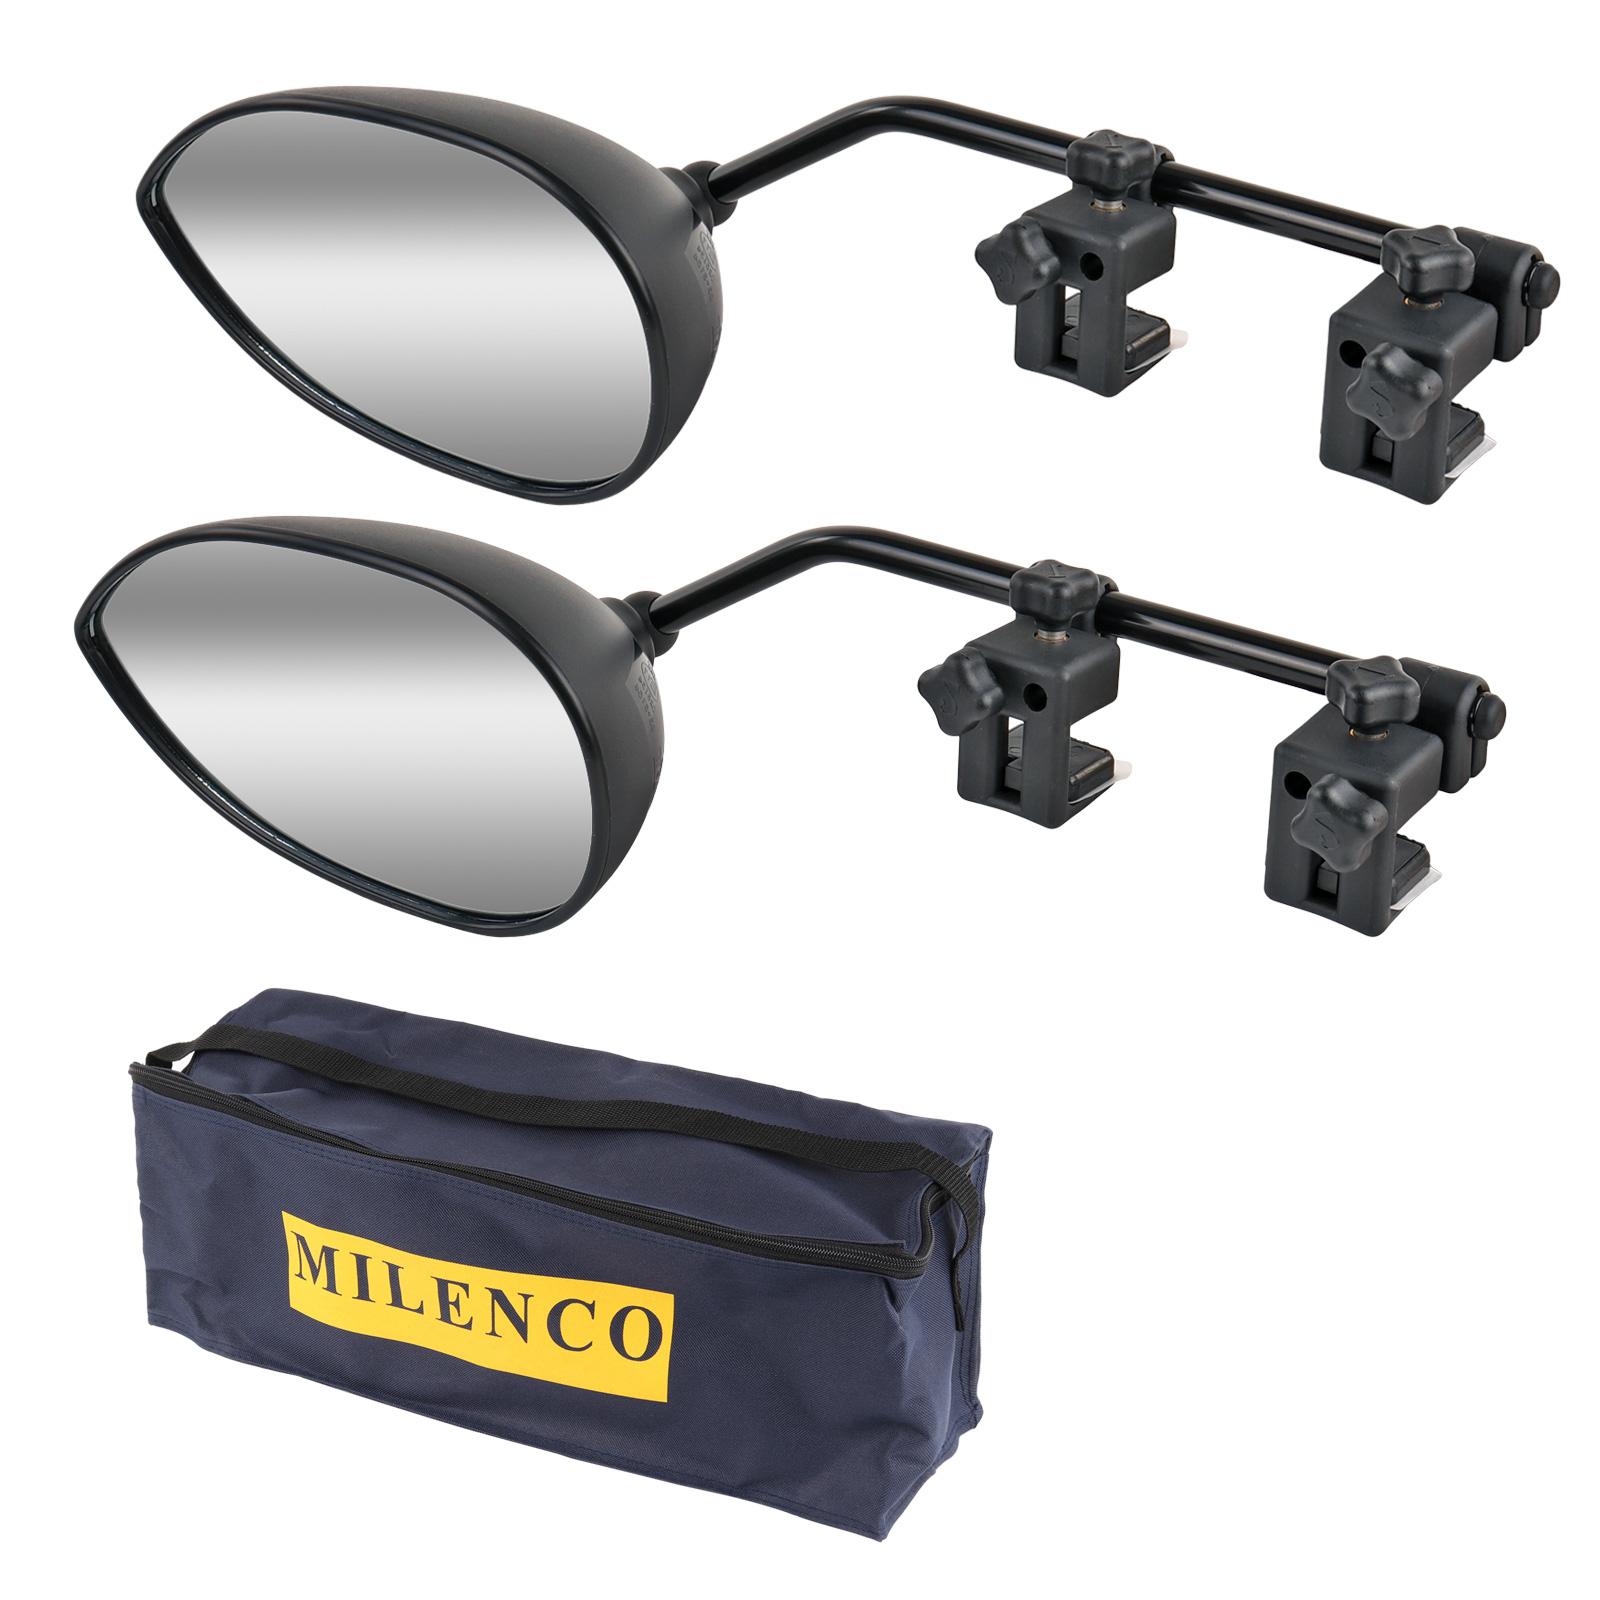 Wohnwagenspiegel Milenco Aero  3 universal 2er Set links + rechts für Auto, Bus